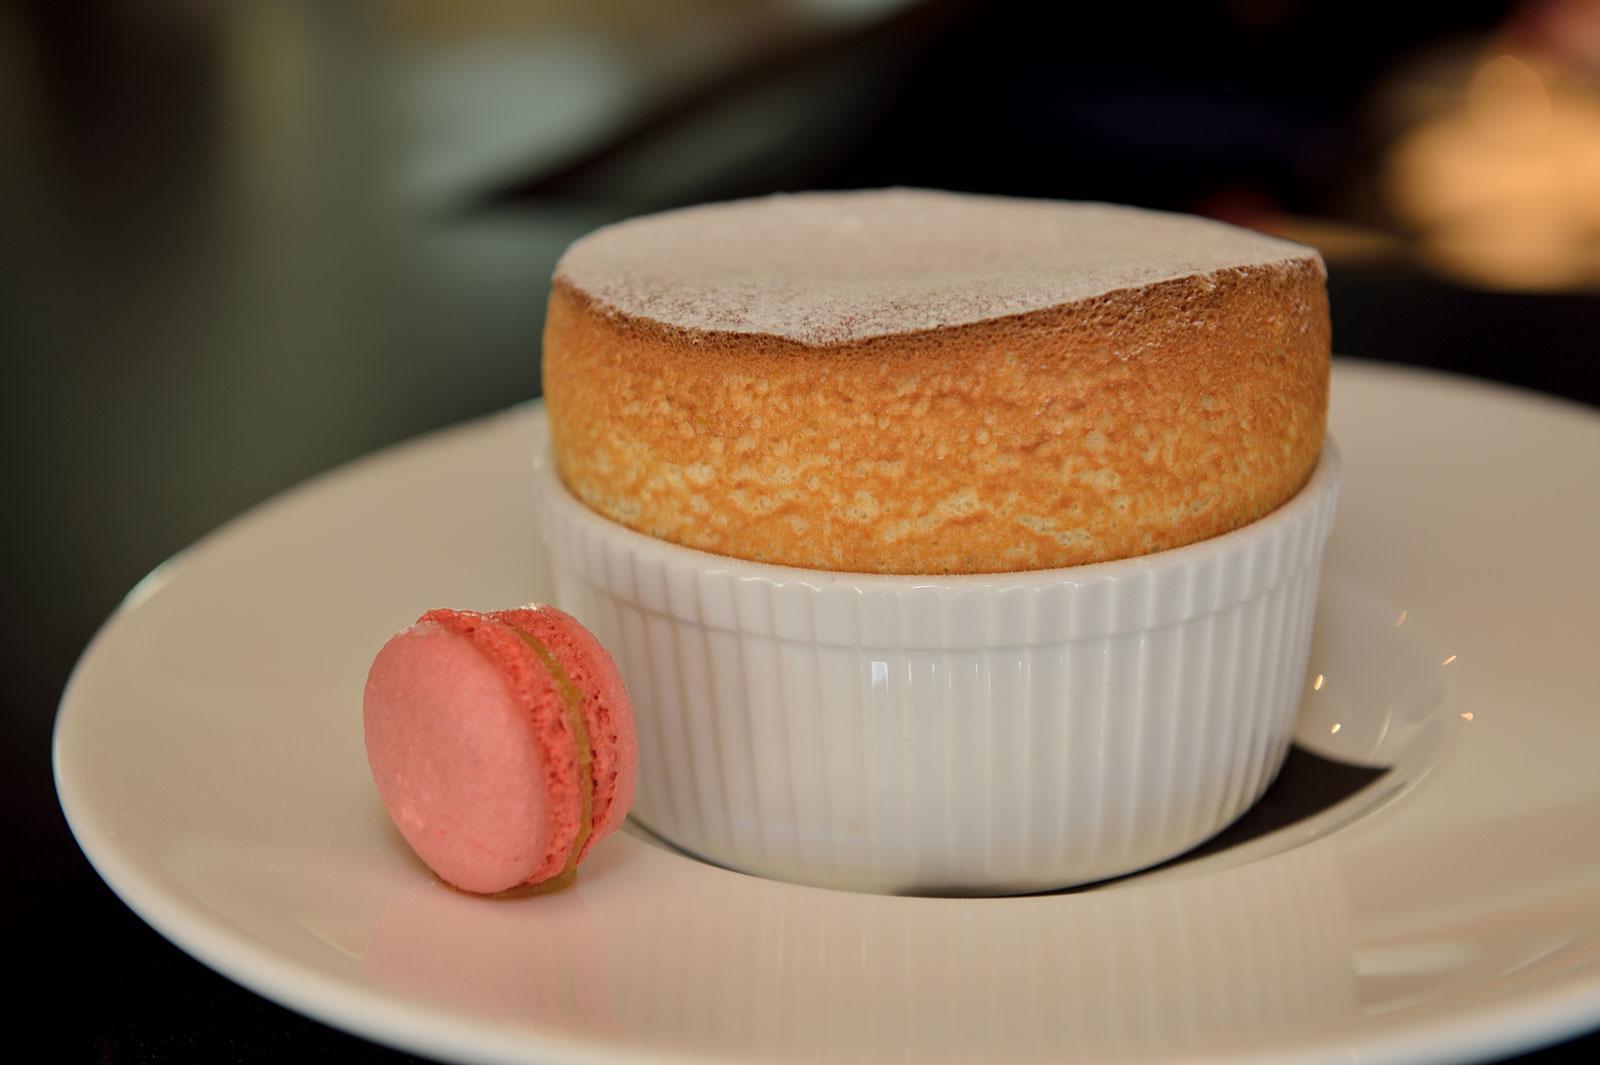 Vanille Souffle met een frambozen Macaron